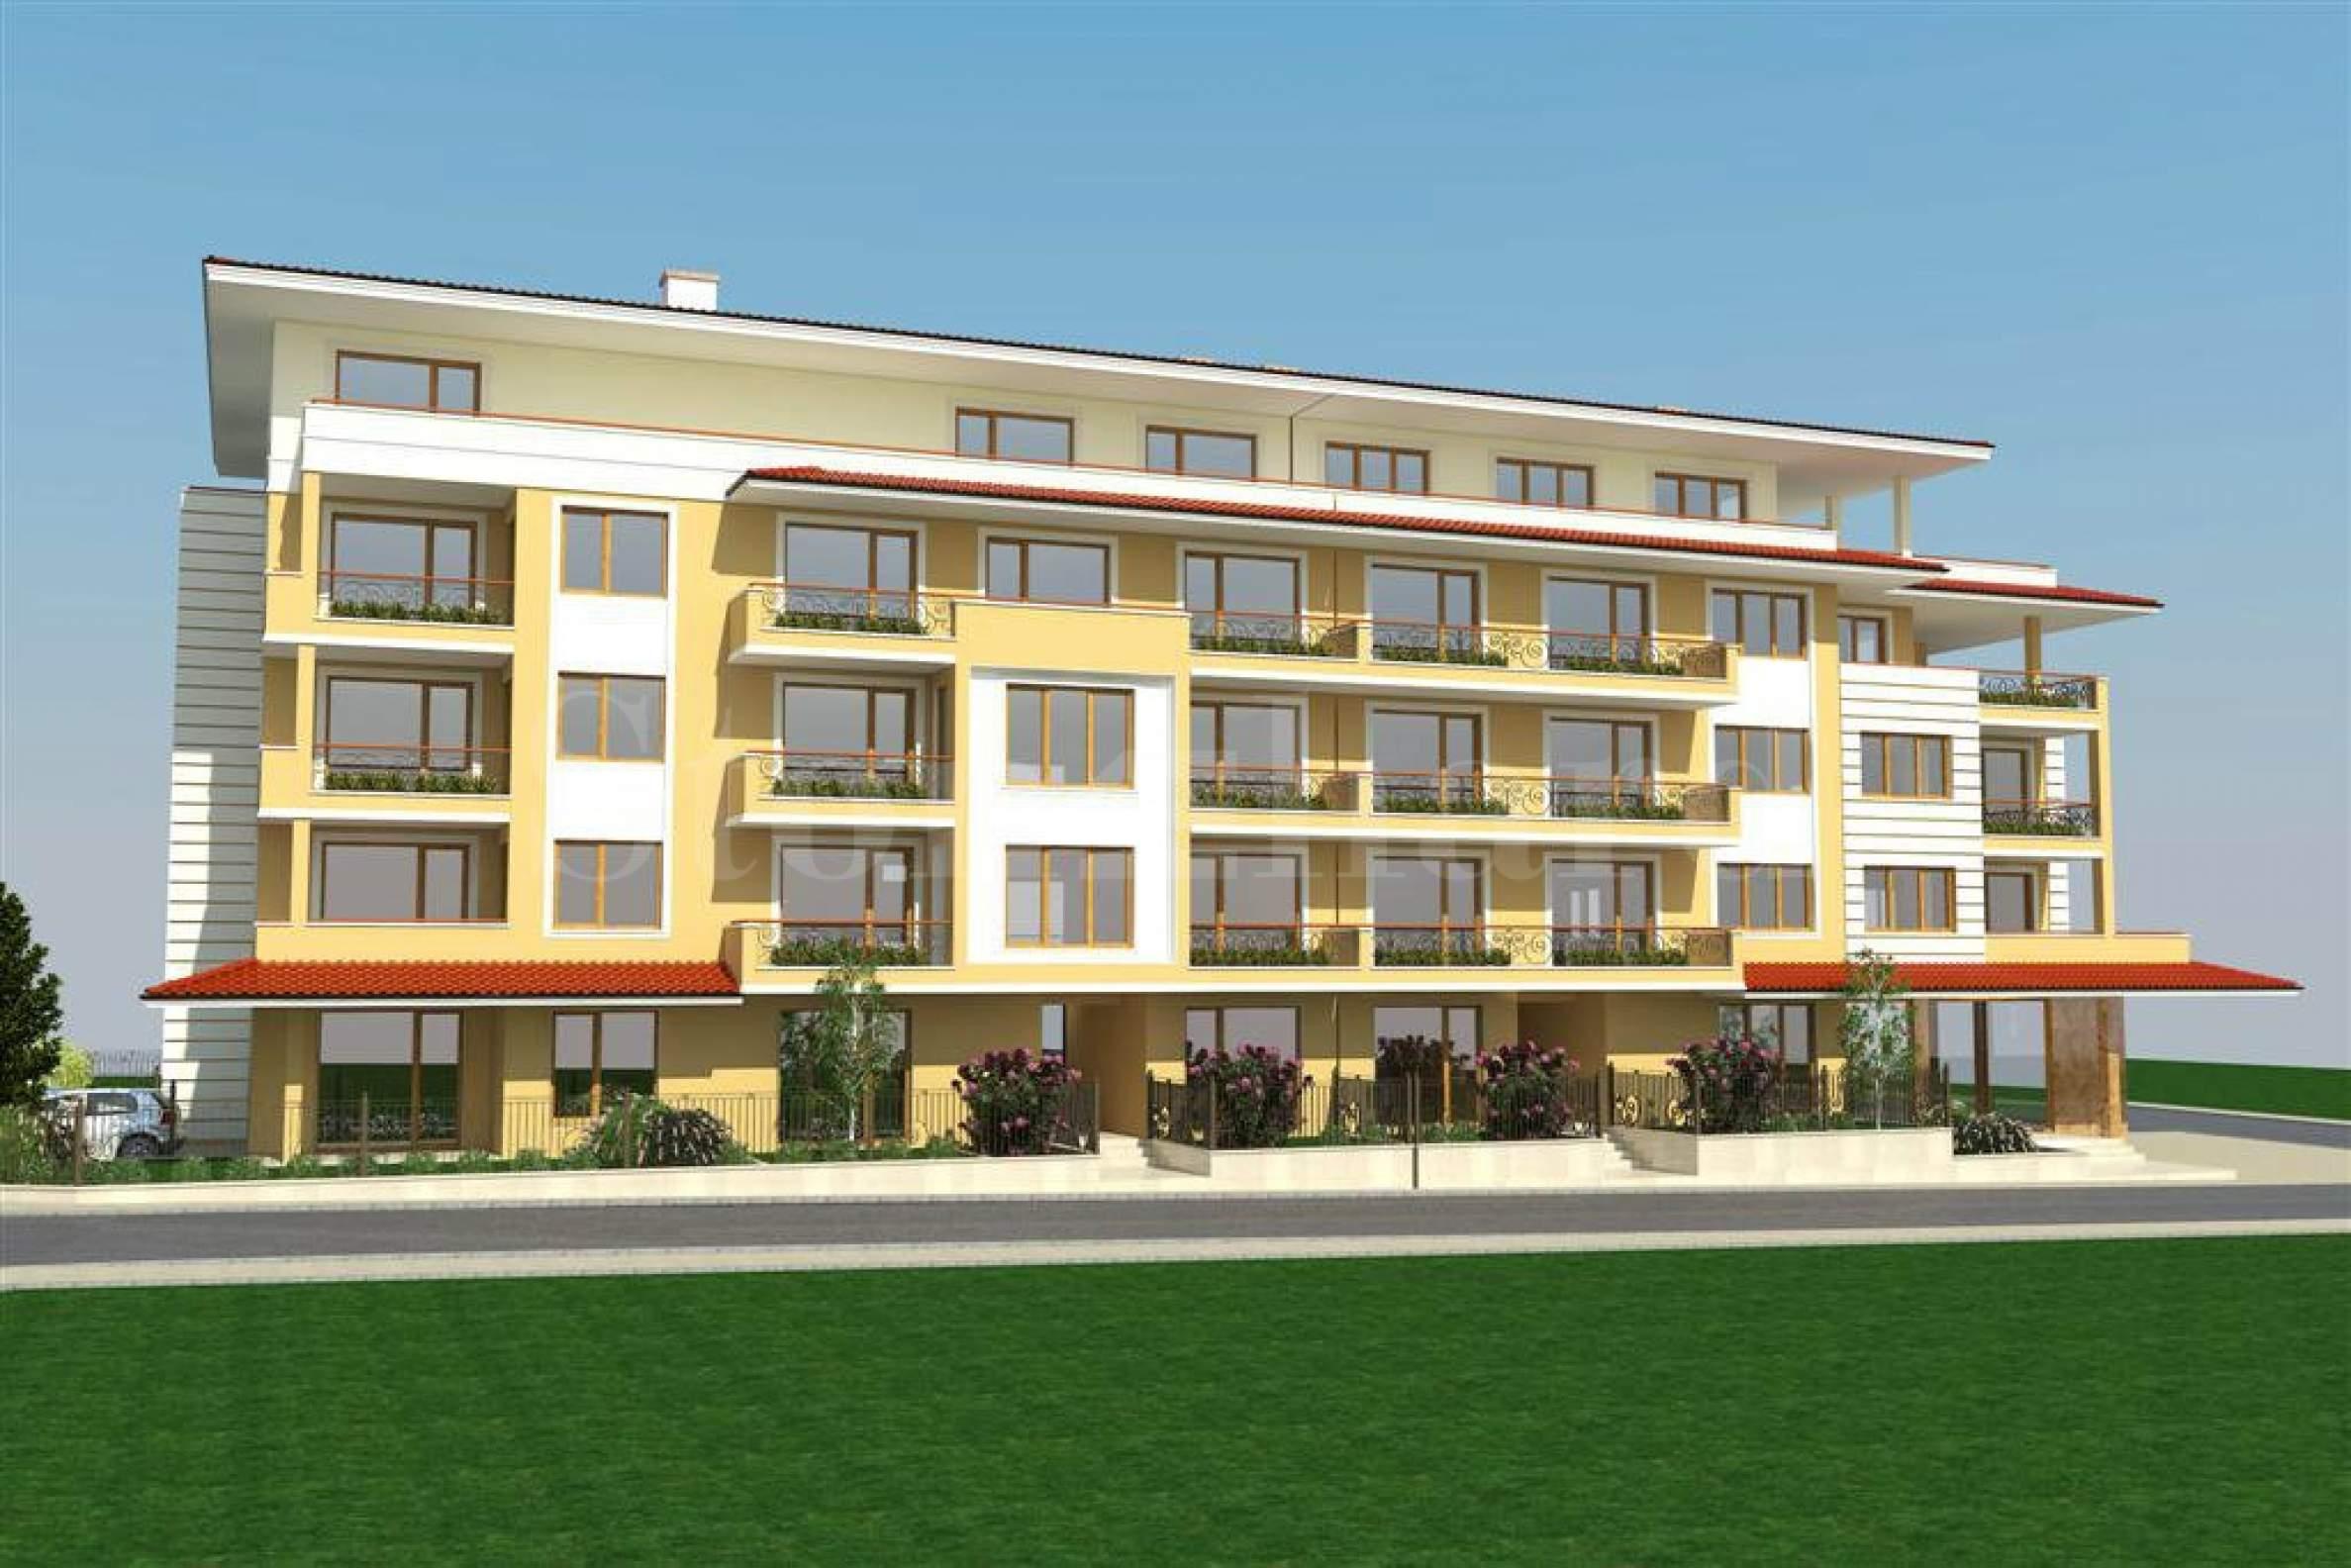 Великолепни апартаменти в живописен район на 100 м от плажа2 - Stonehard